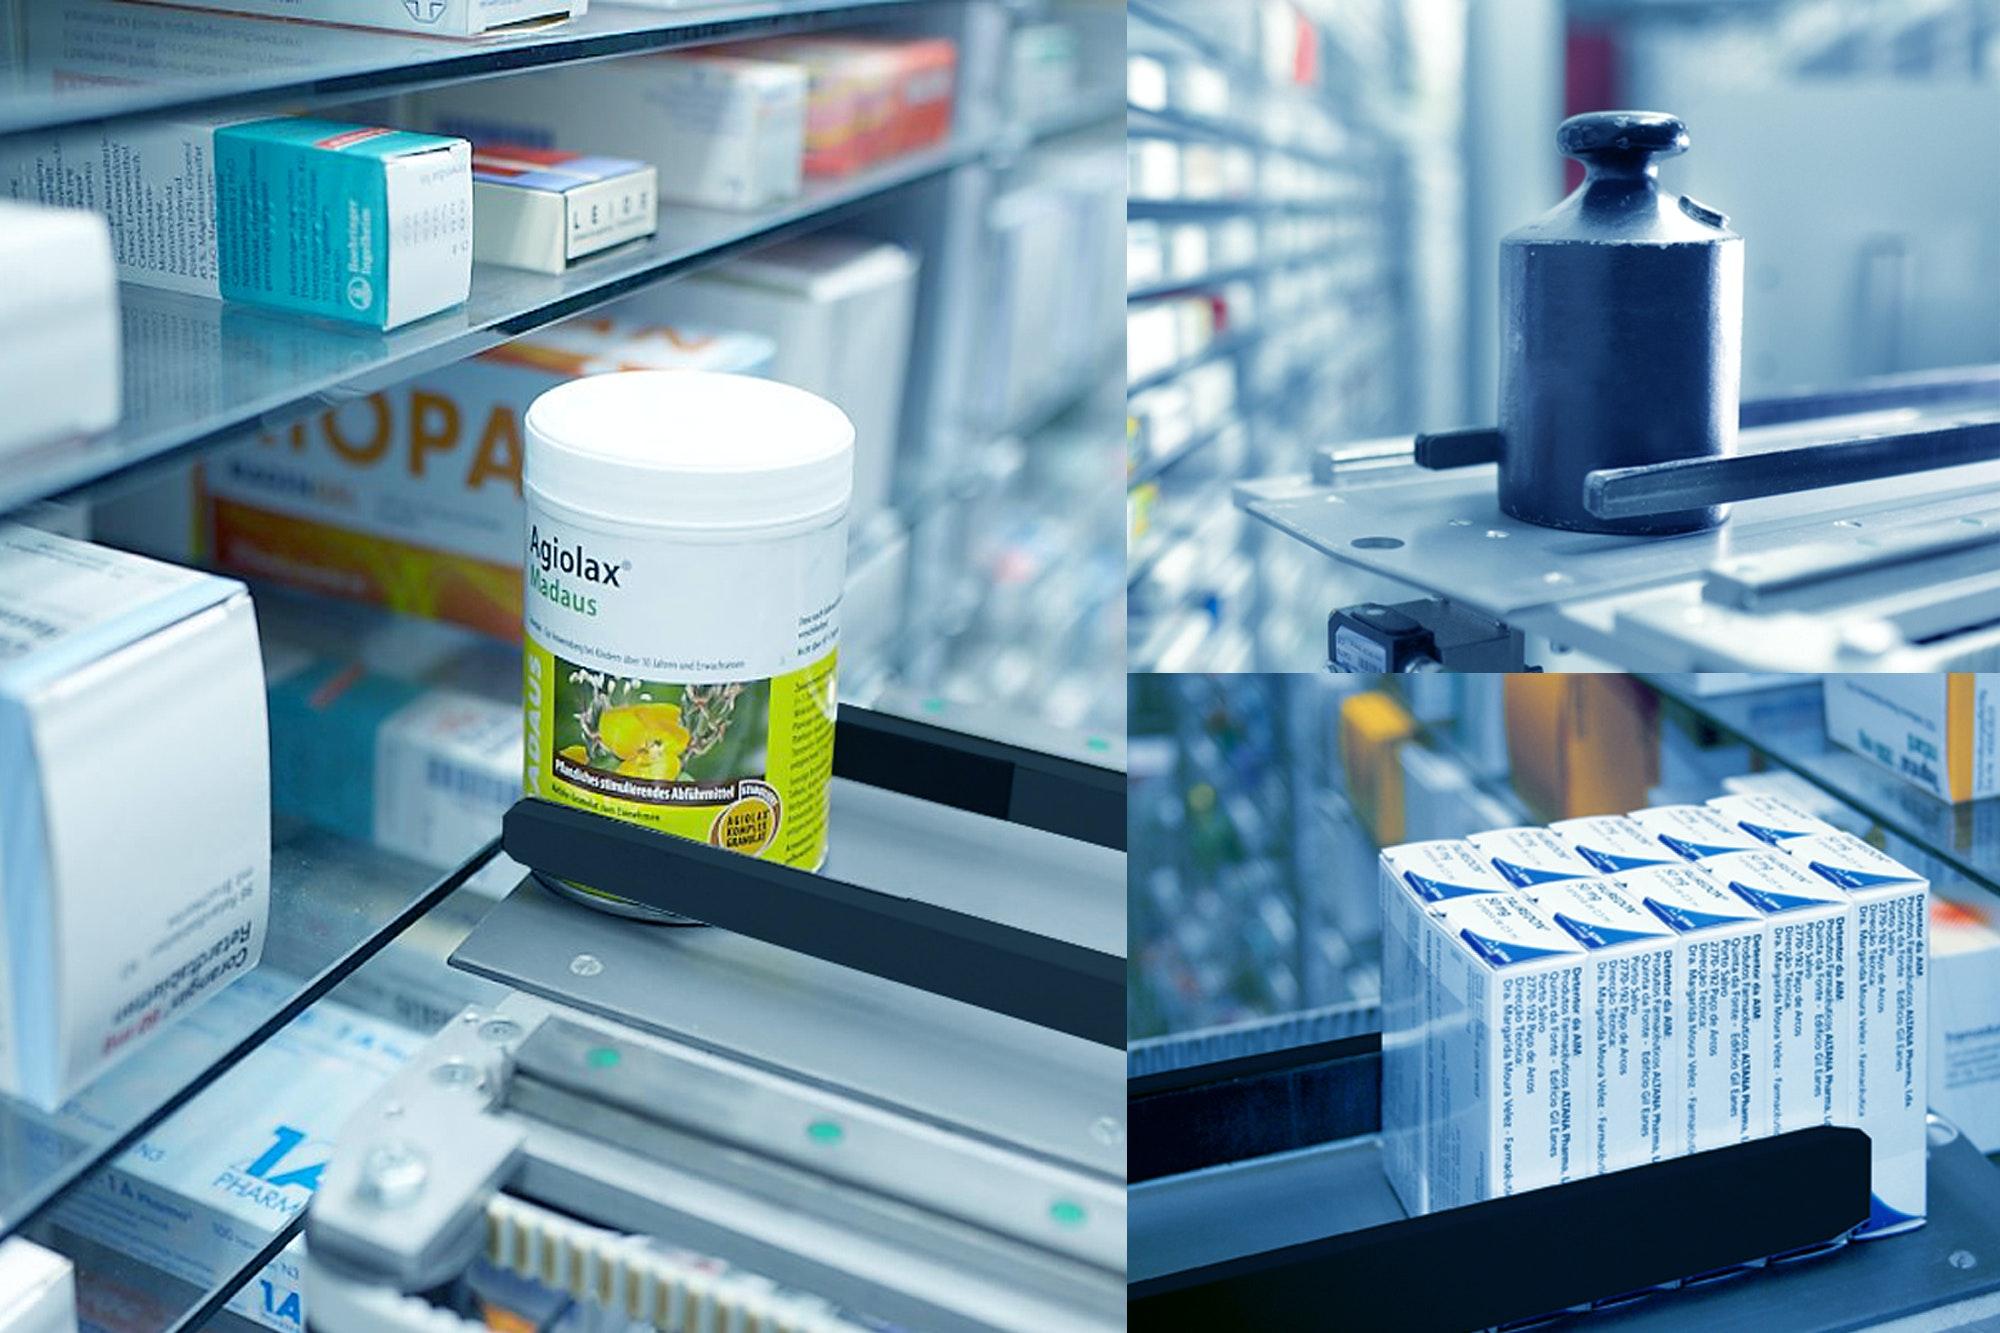 Apostore Digitale Apotheke Kommissionierautomat Greifer Gewicht Runde Verpackungen Buendelpackungen MG 2185 1